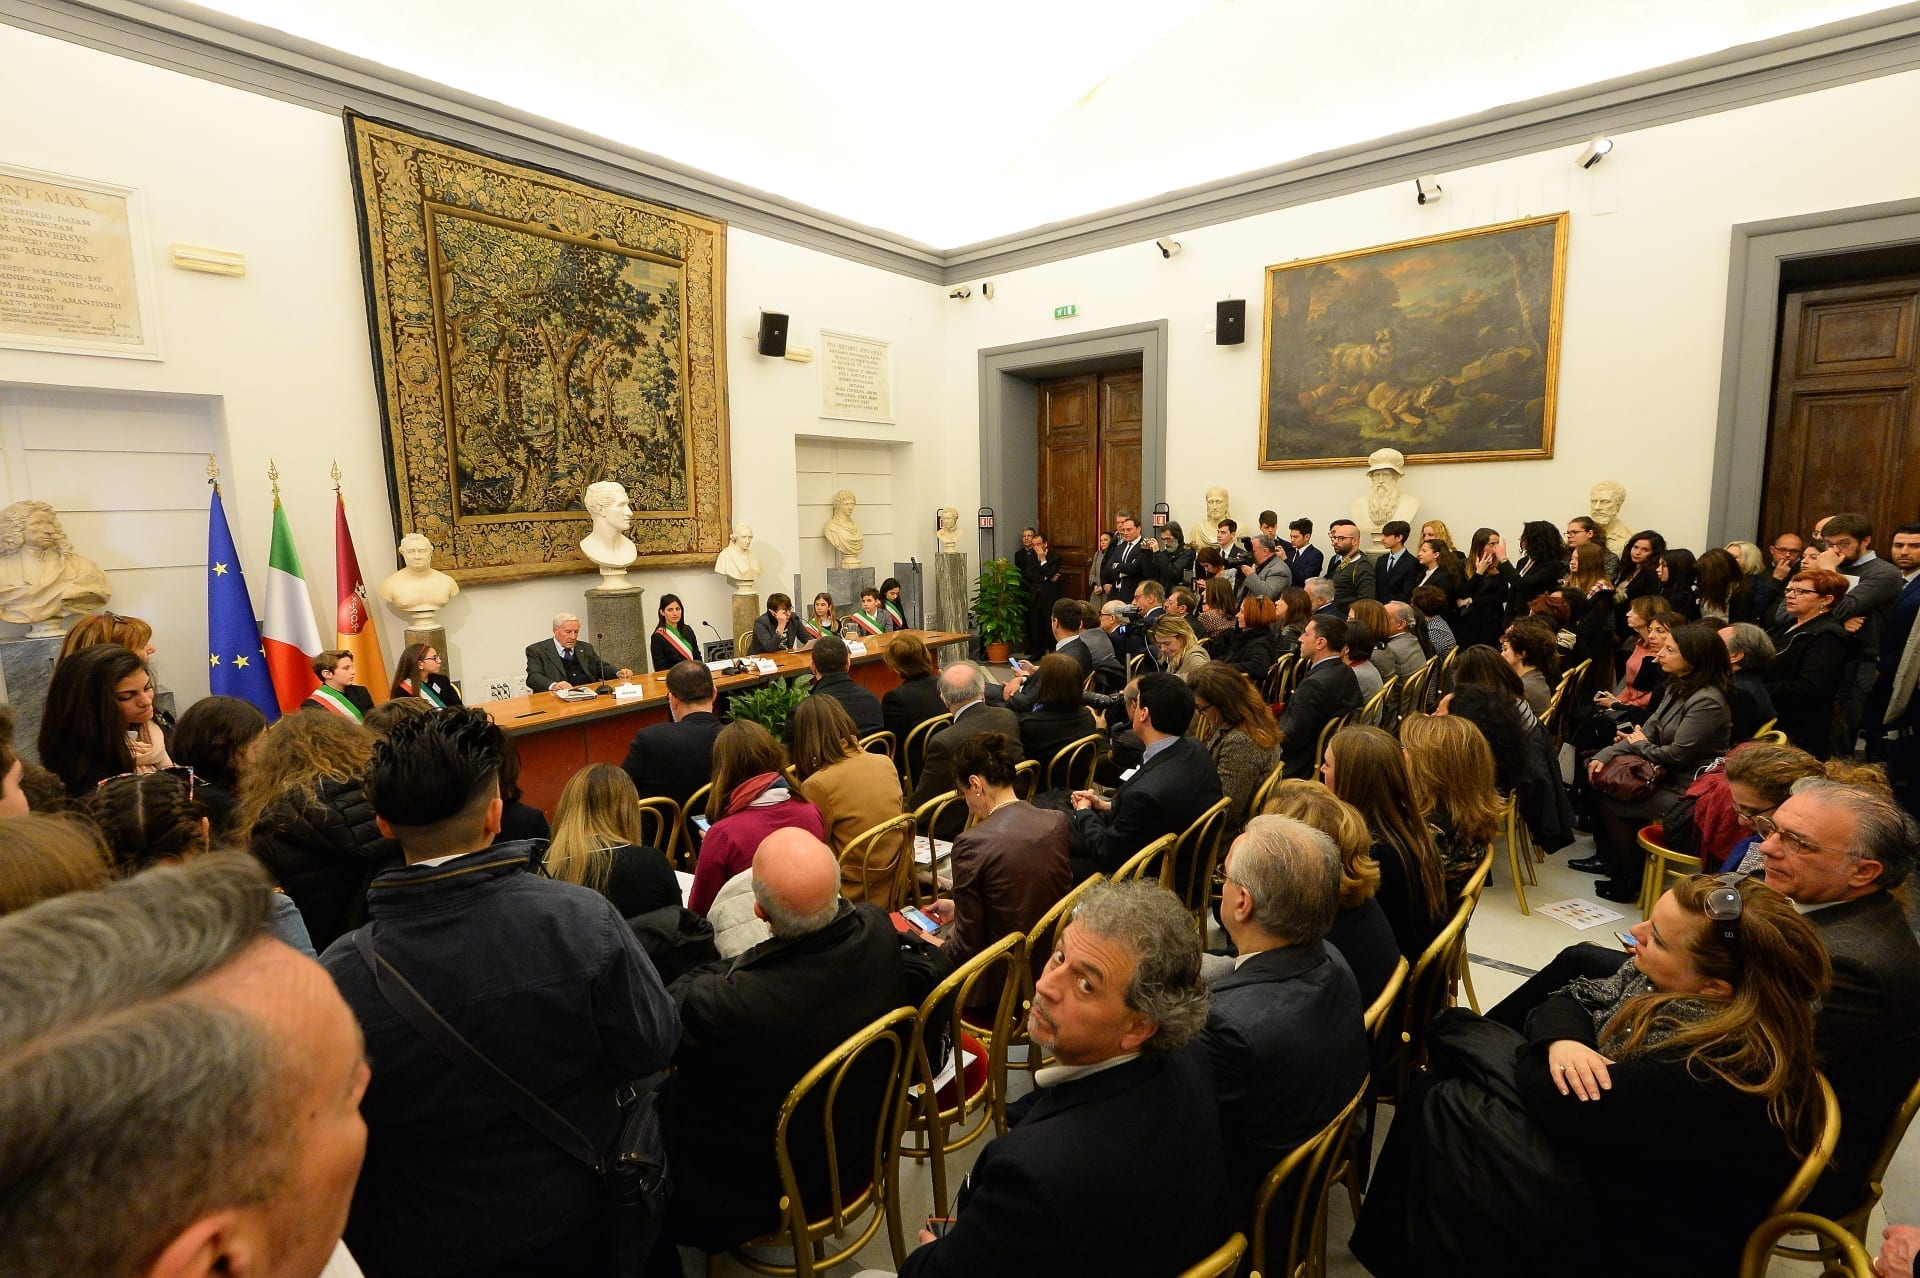 Sala Piccola Protomoteca : Il viaggio della costituzione roma spencer & lewis